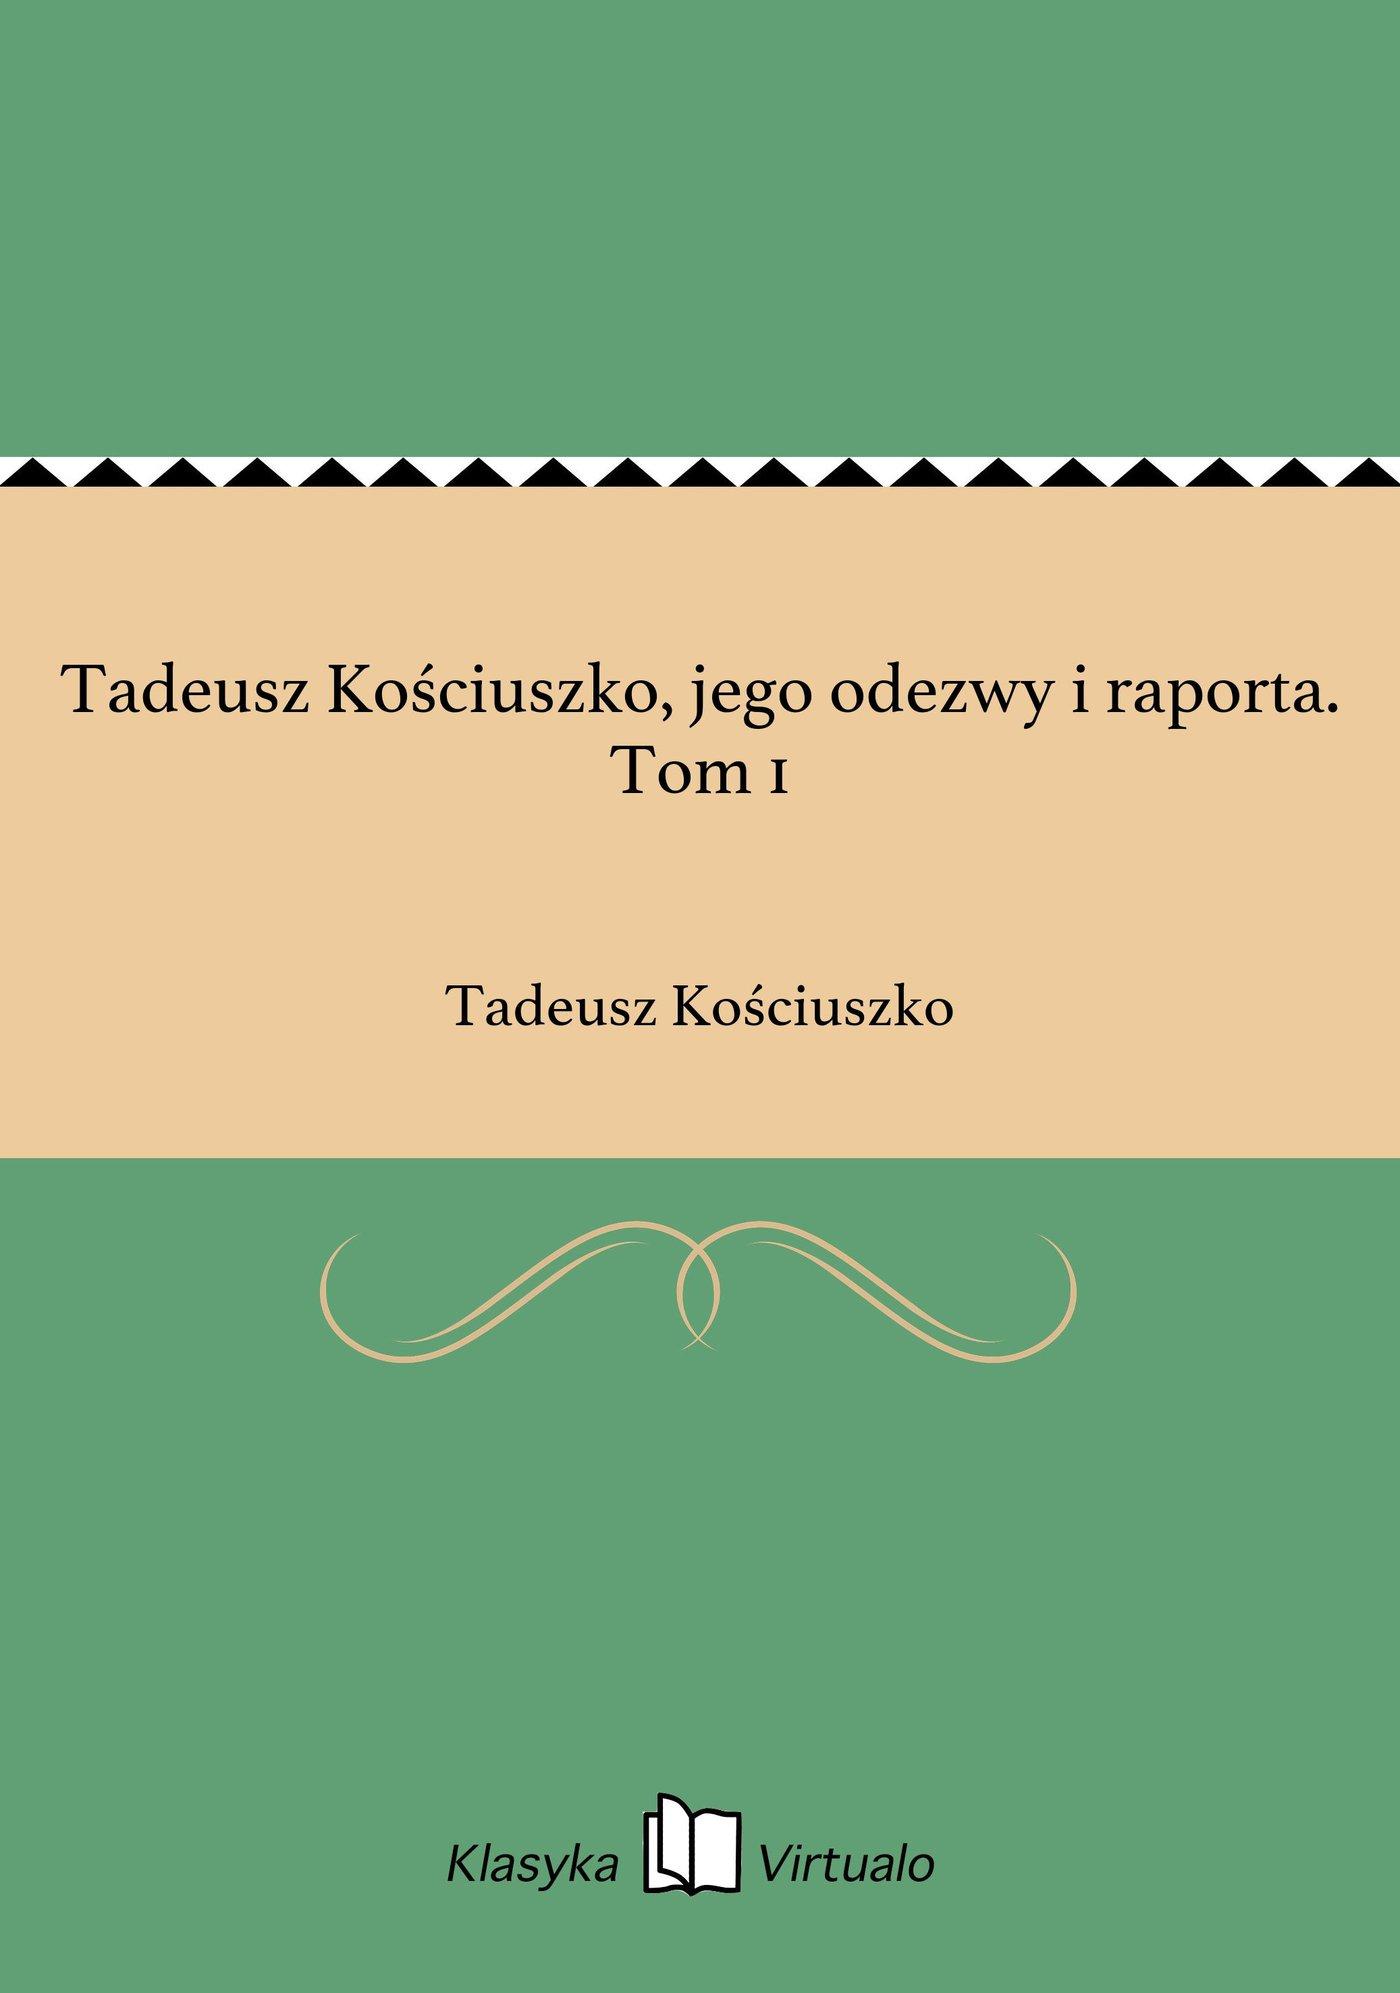 Tadeusz Kościuszko, jego odezwy i raporta. Tom 1 - Ebook (Książka na Kindle) do pobrania w formacie MOBI